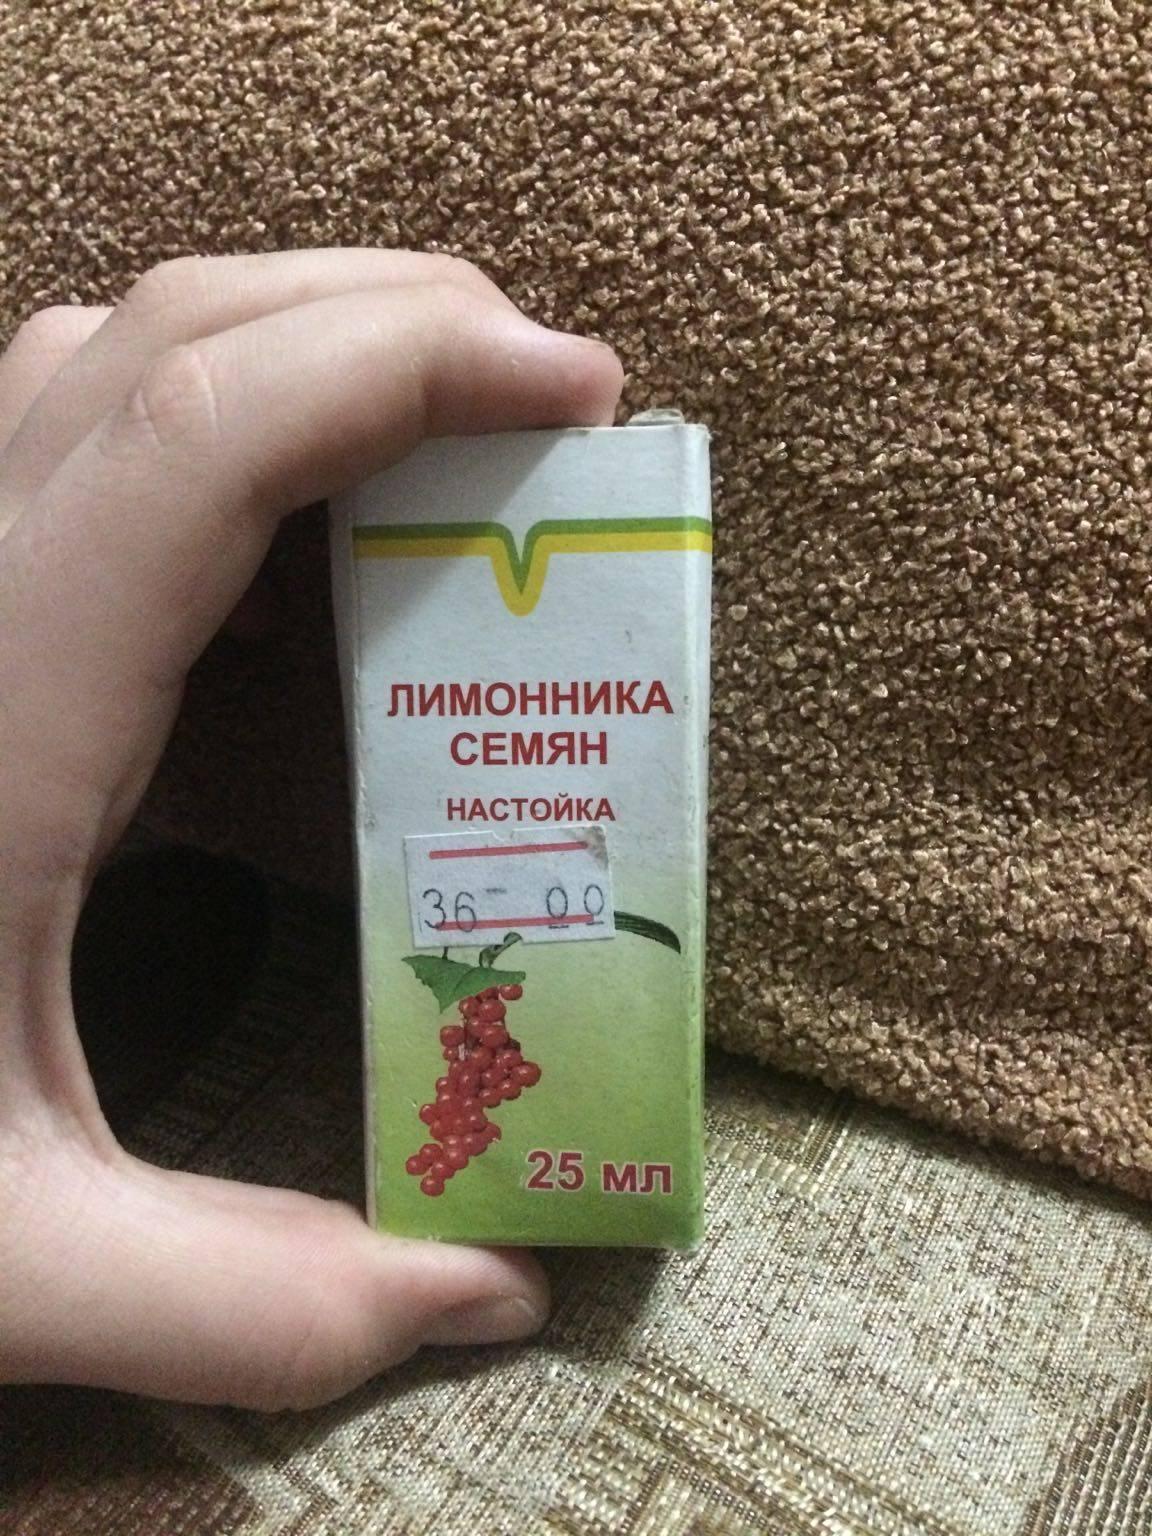 Настойка лимонника: инструкция по применению, польза и вред